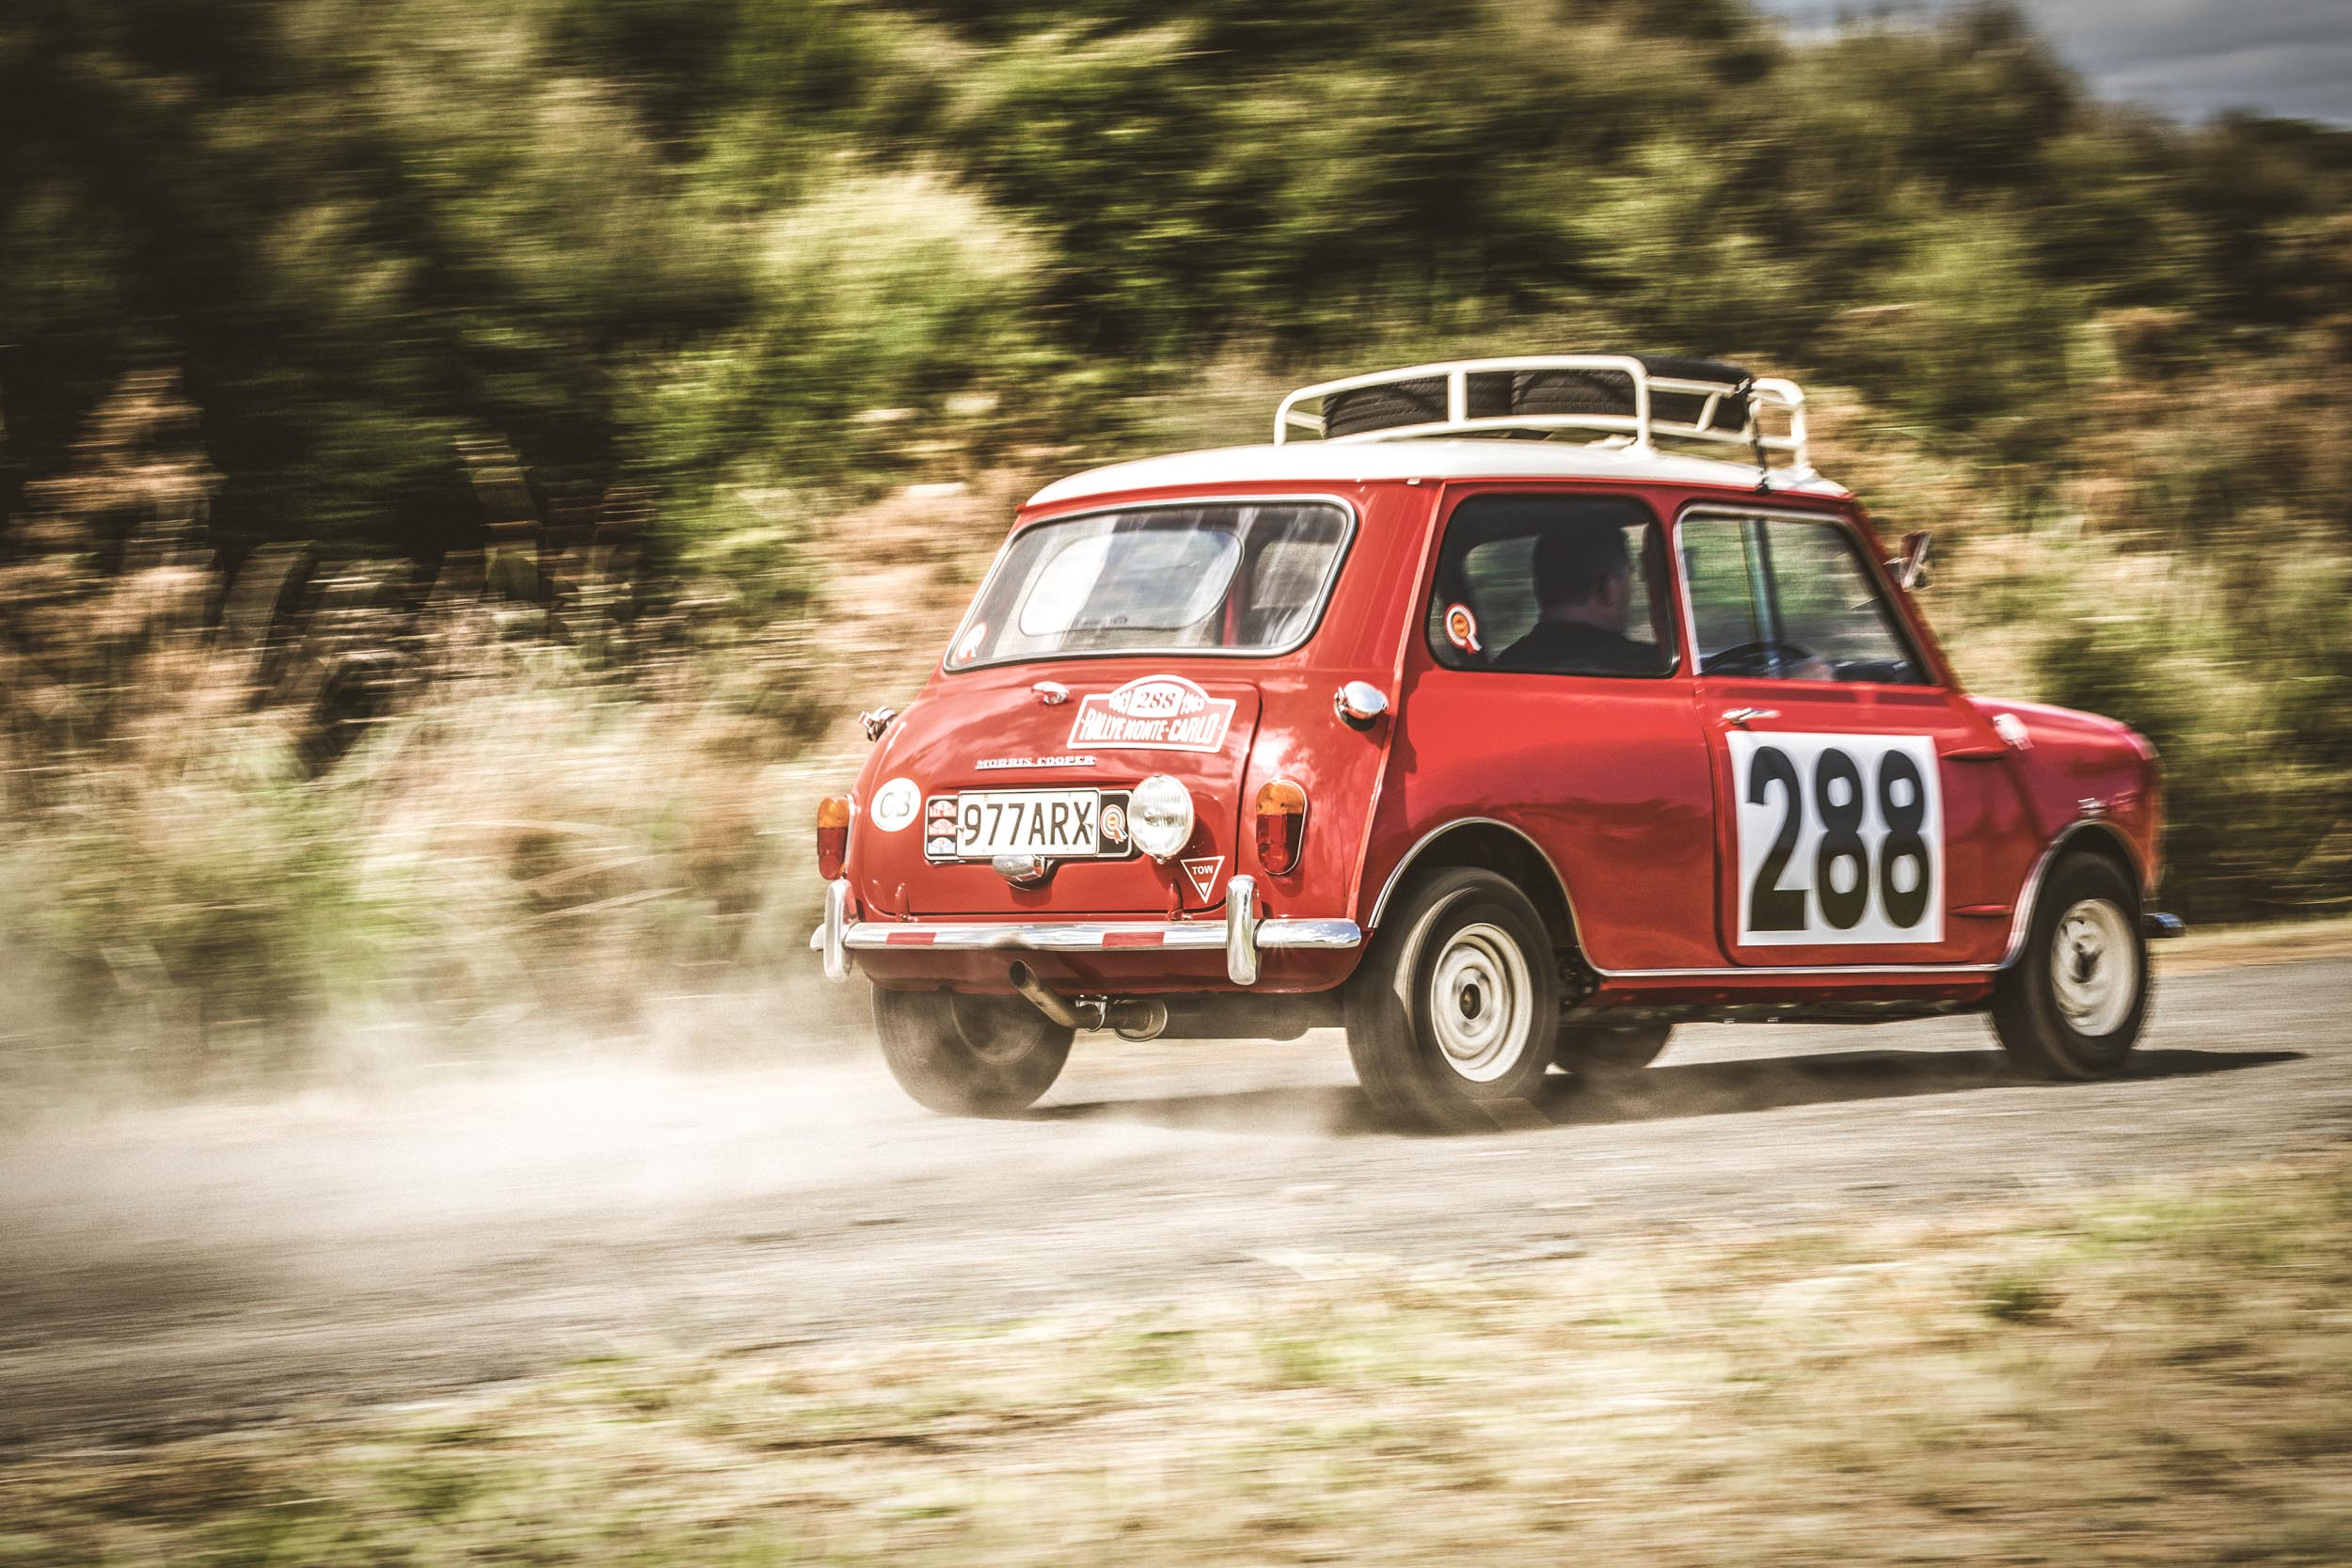 Mini cooper monte carlo -classic driver mag-camleggettphoto-2.jpg